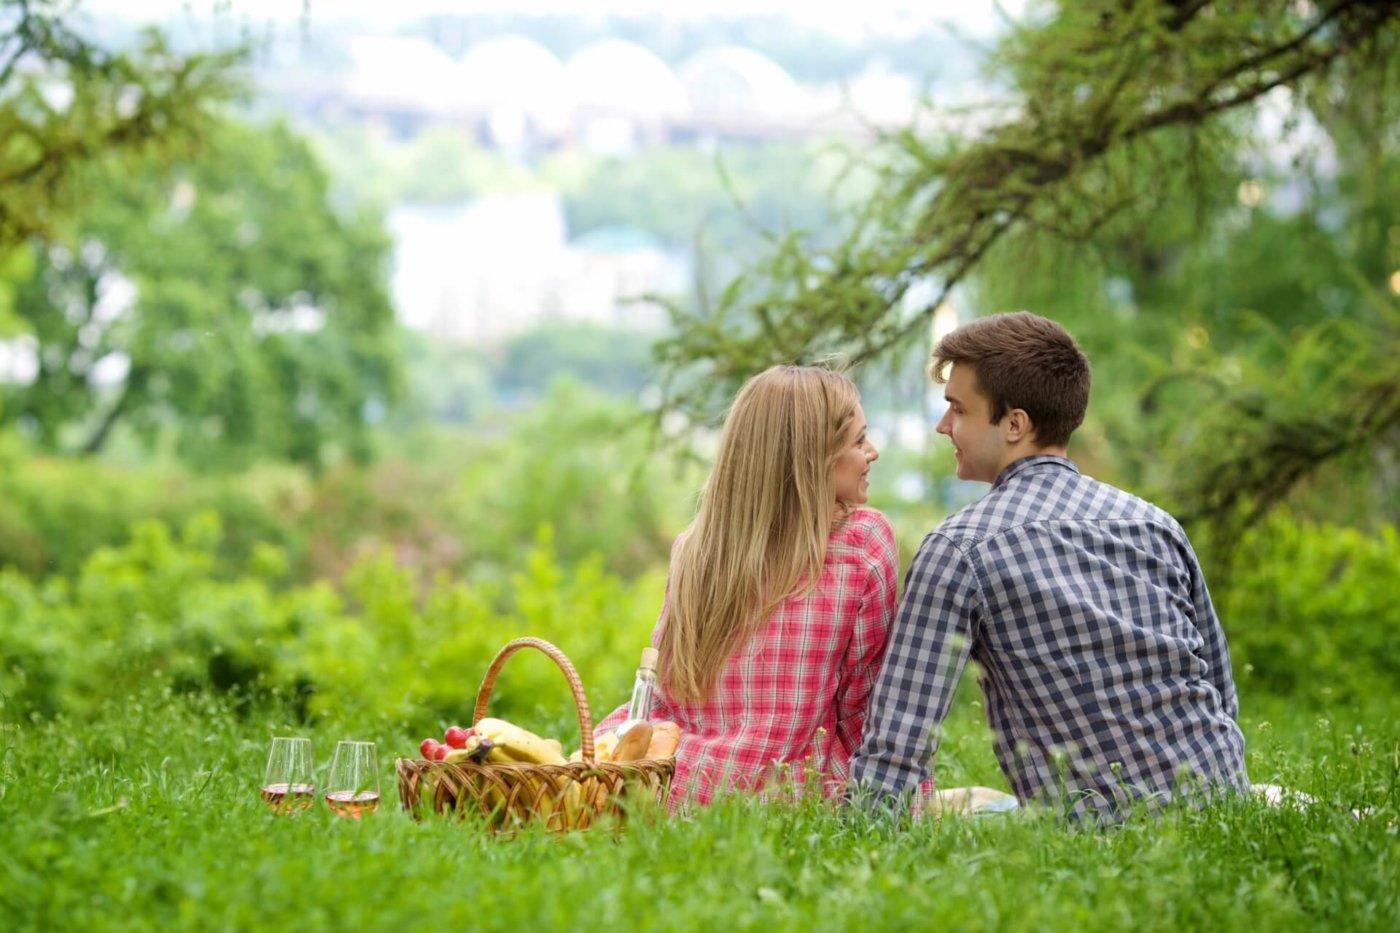 デートにおすすめのピクニック